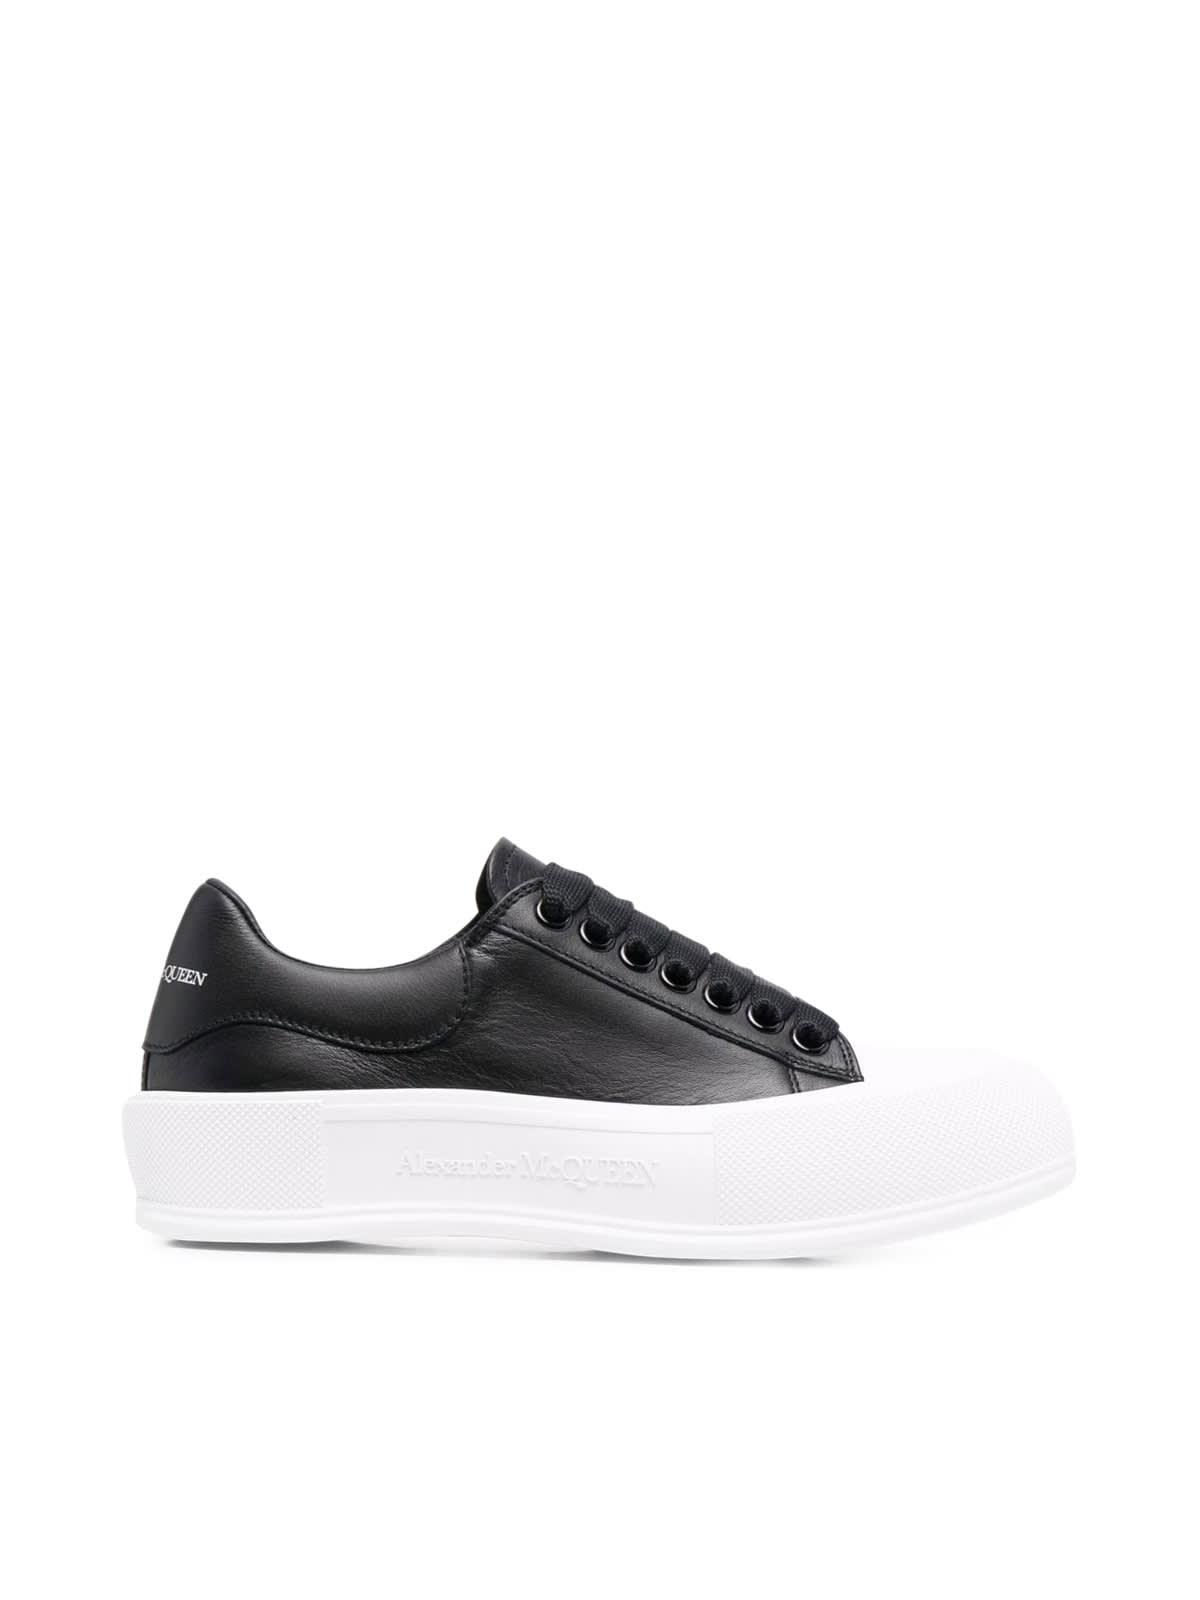 Alexander McQueen Laced Sneakers